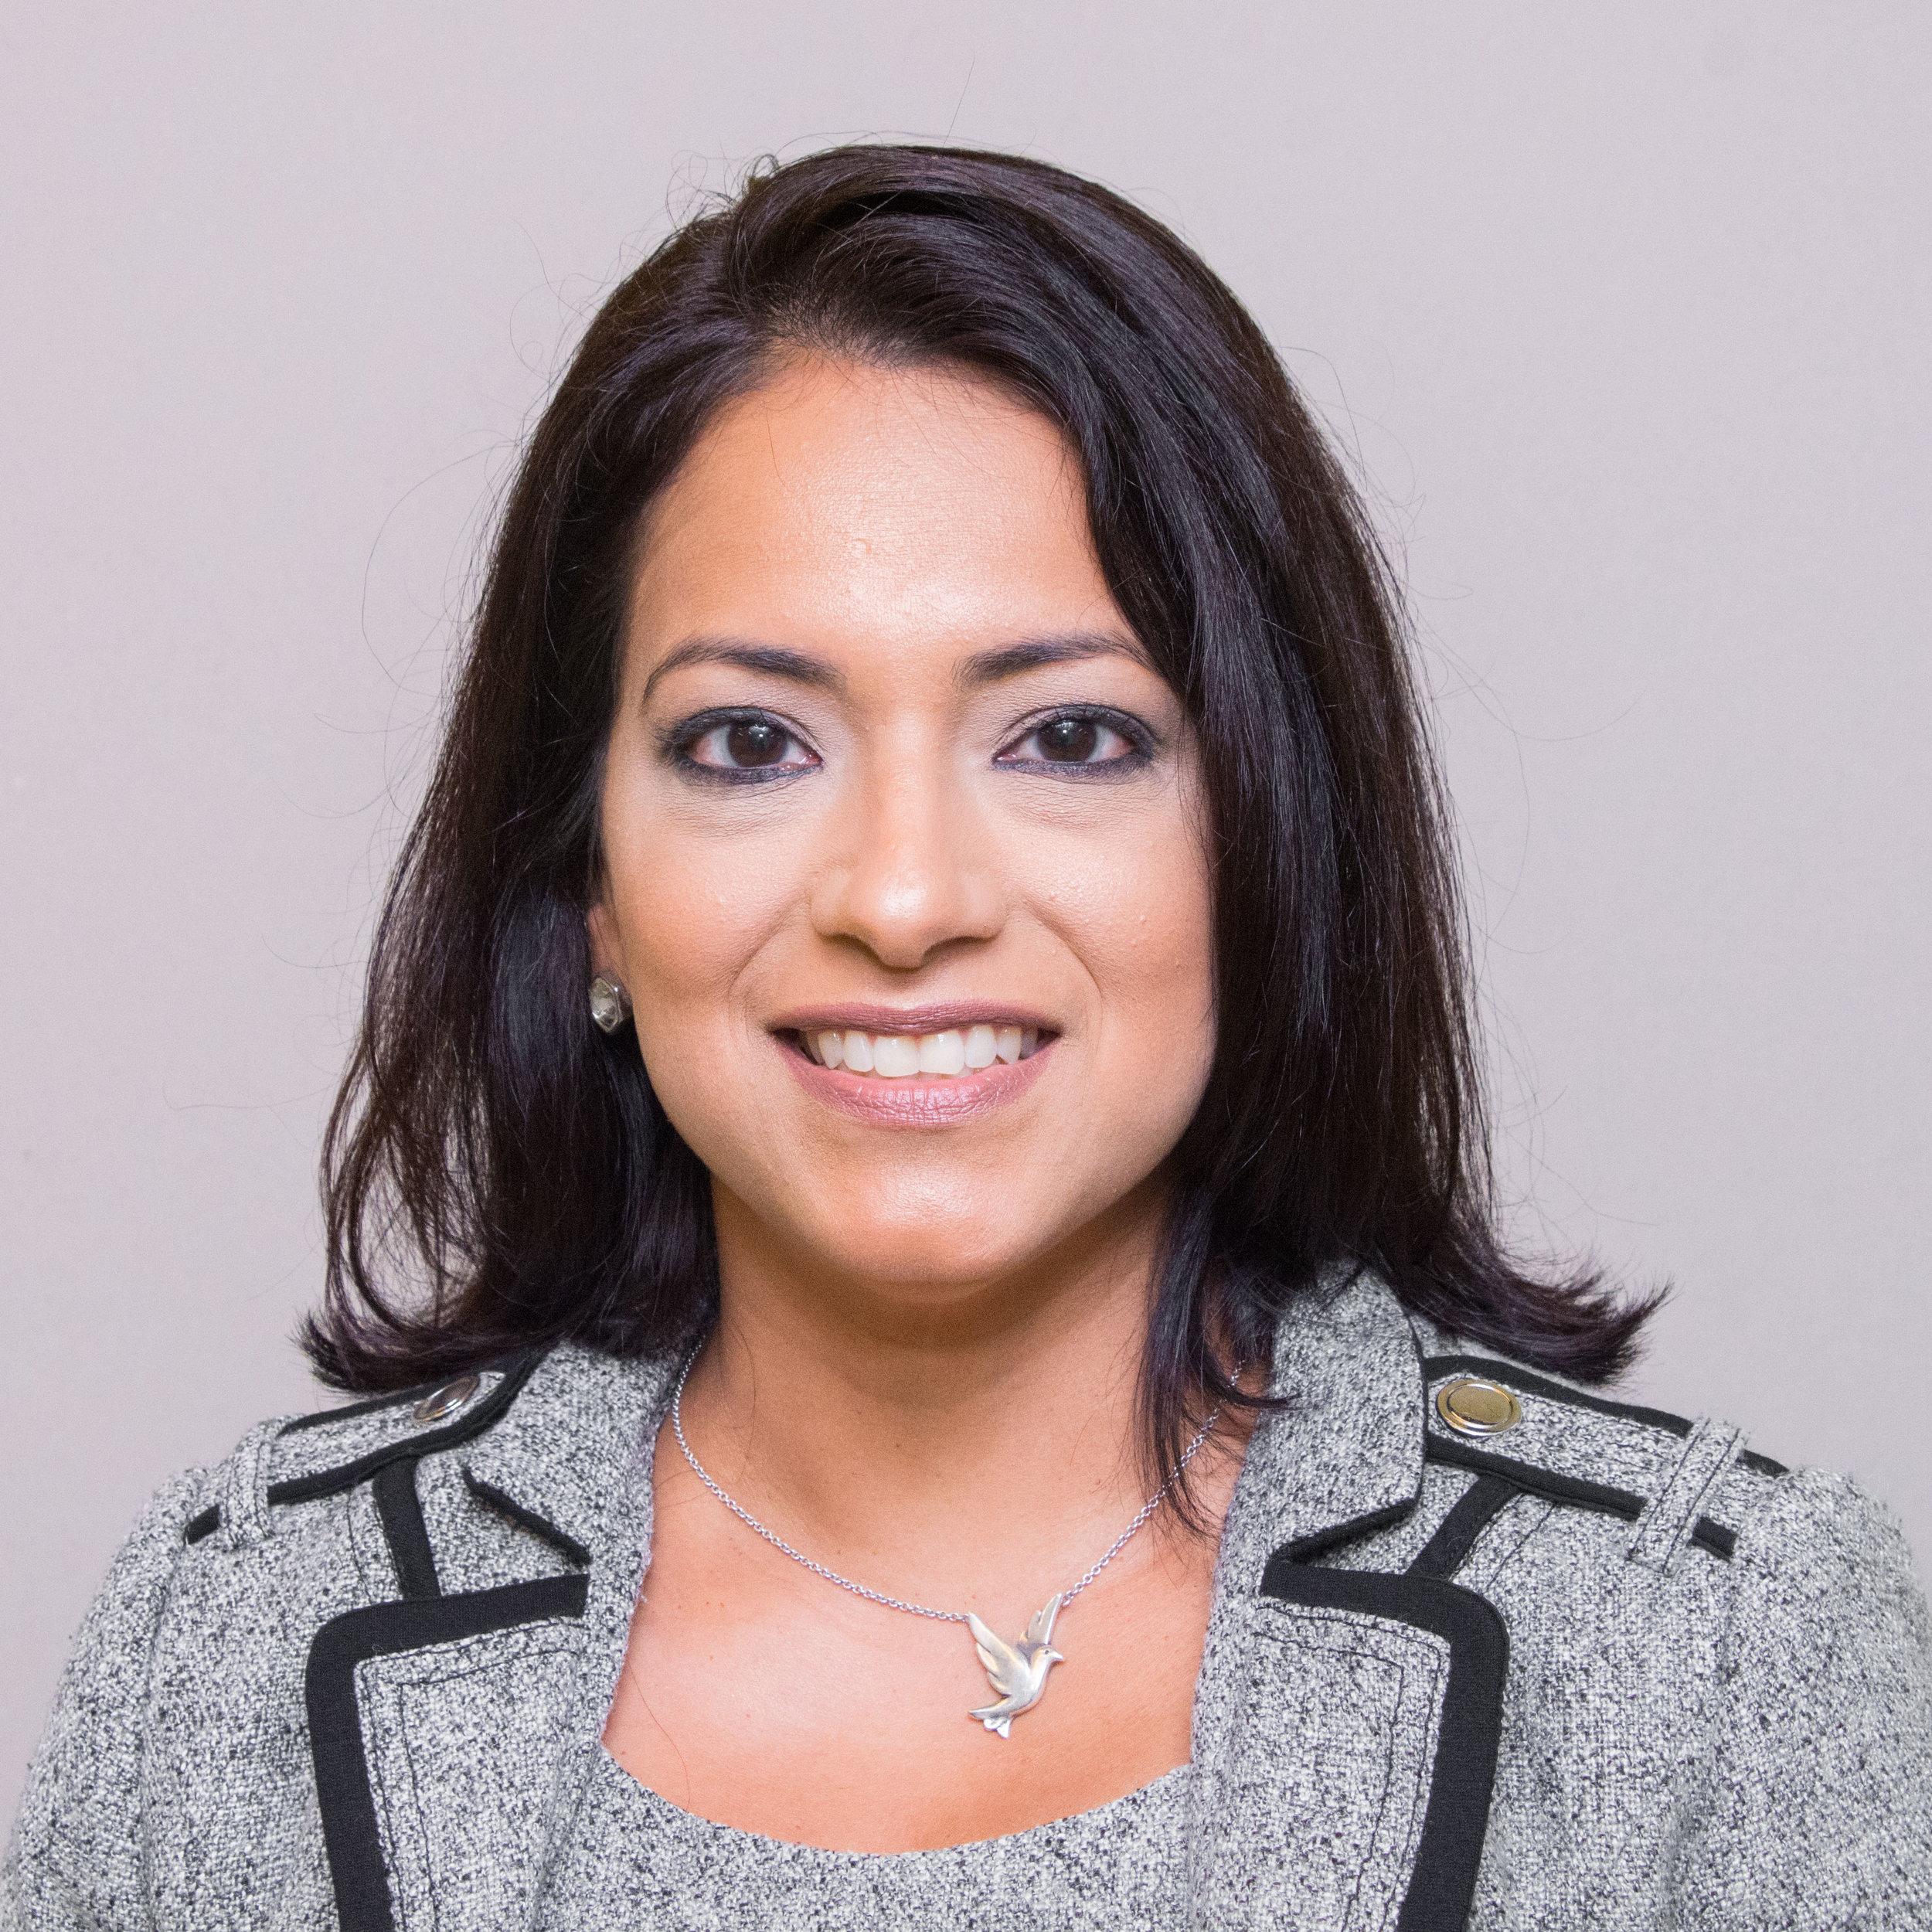 Conchita Reyes, Agent, Galichet Reyes Insurance Agency